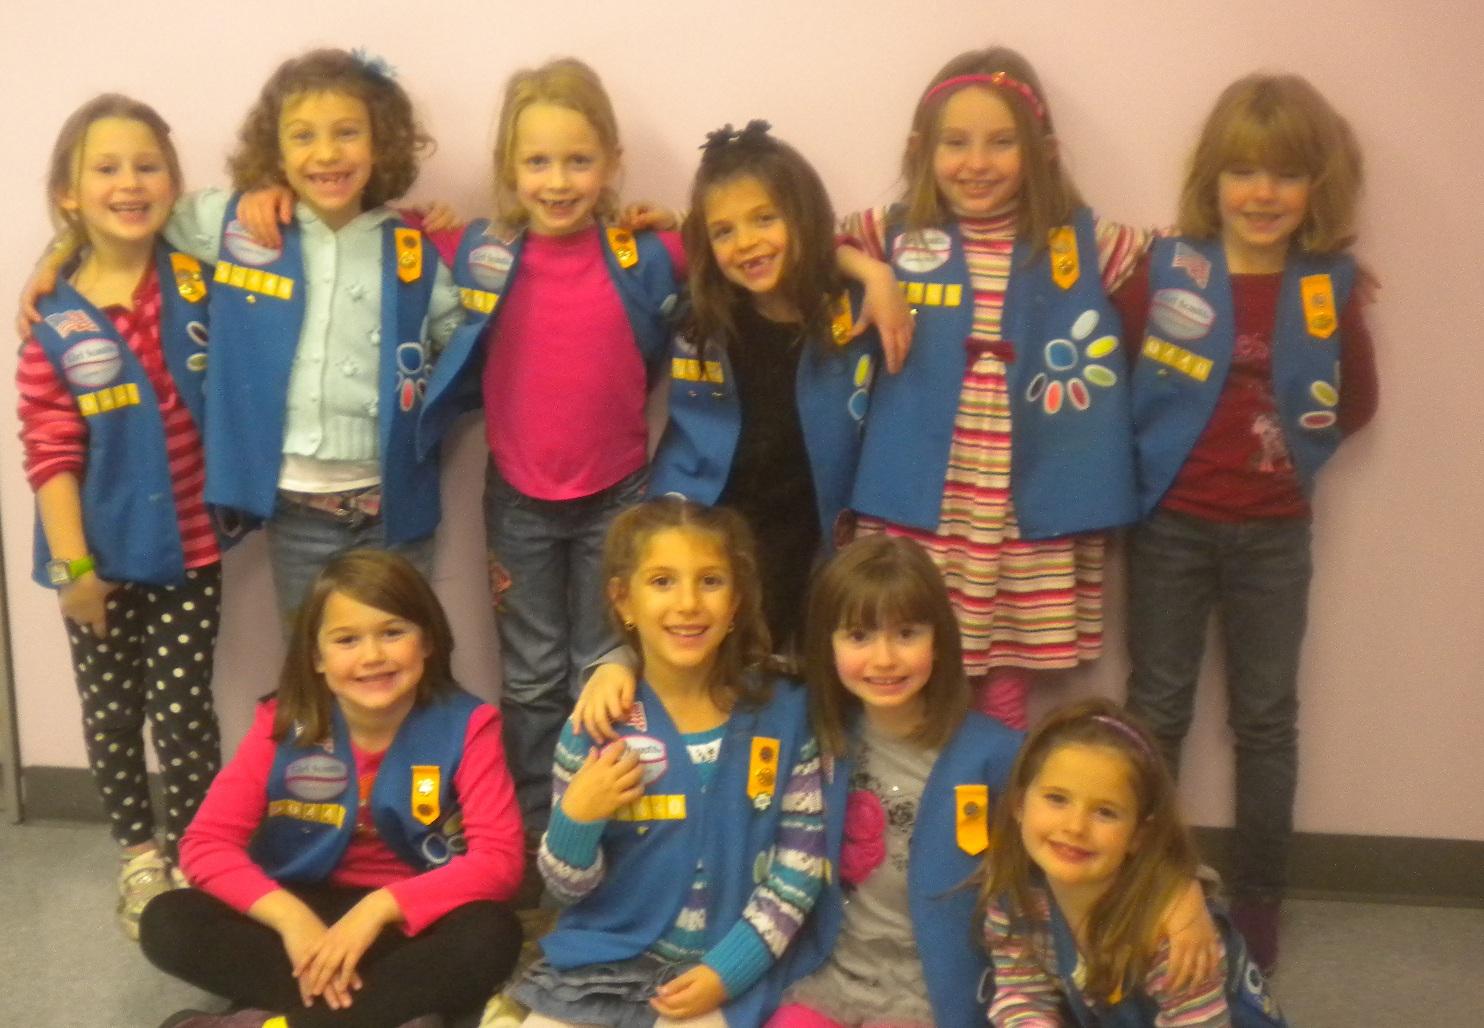 Kids4Kids 2012 - Daisy Troop #50440